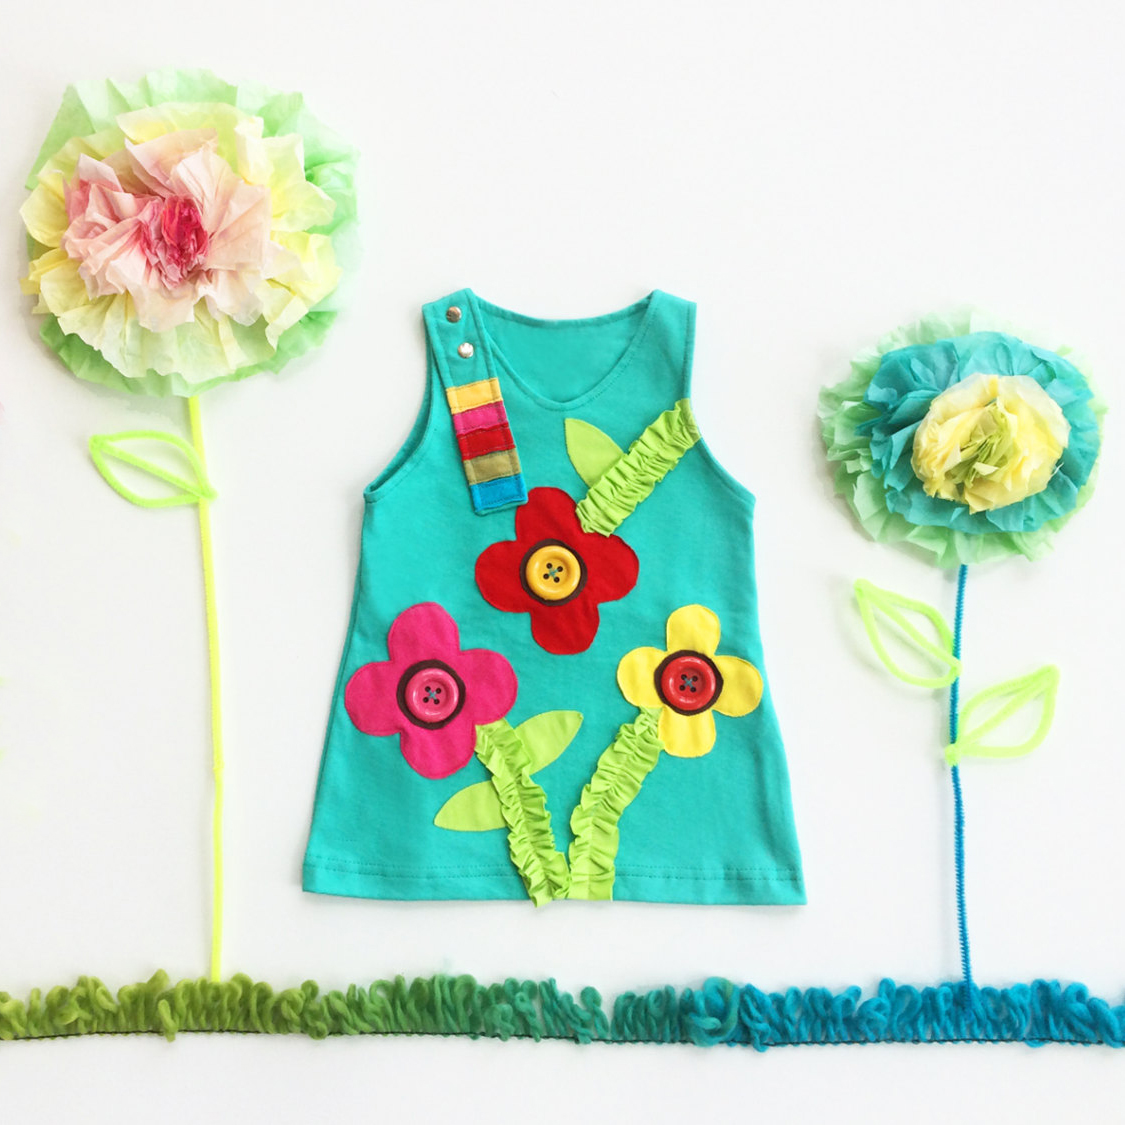 Gallery Button Flower Dress.jpg